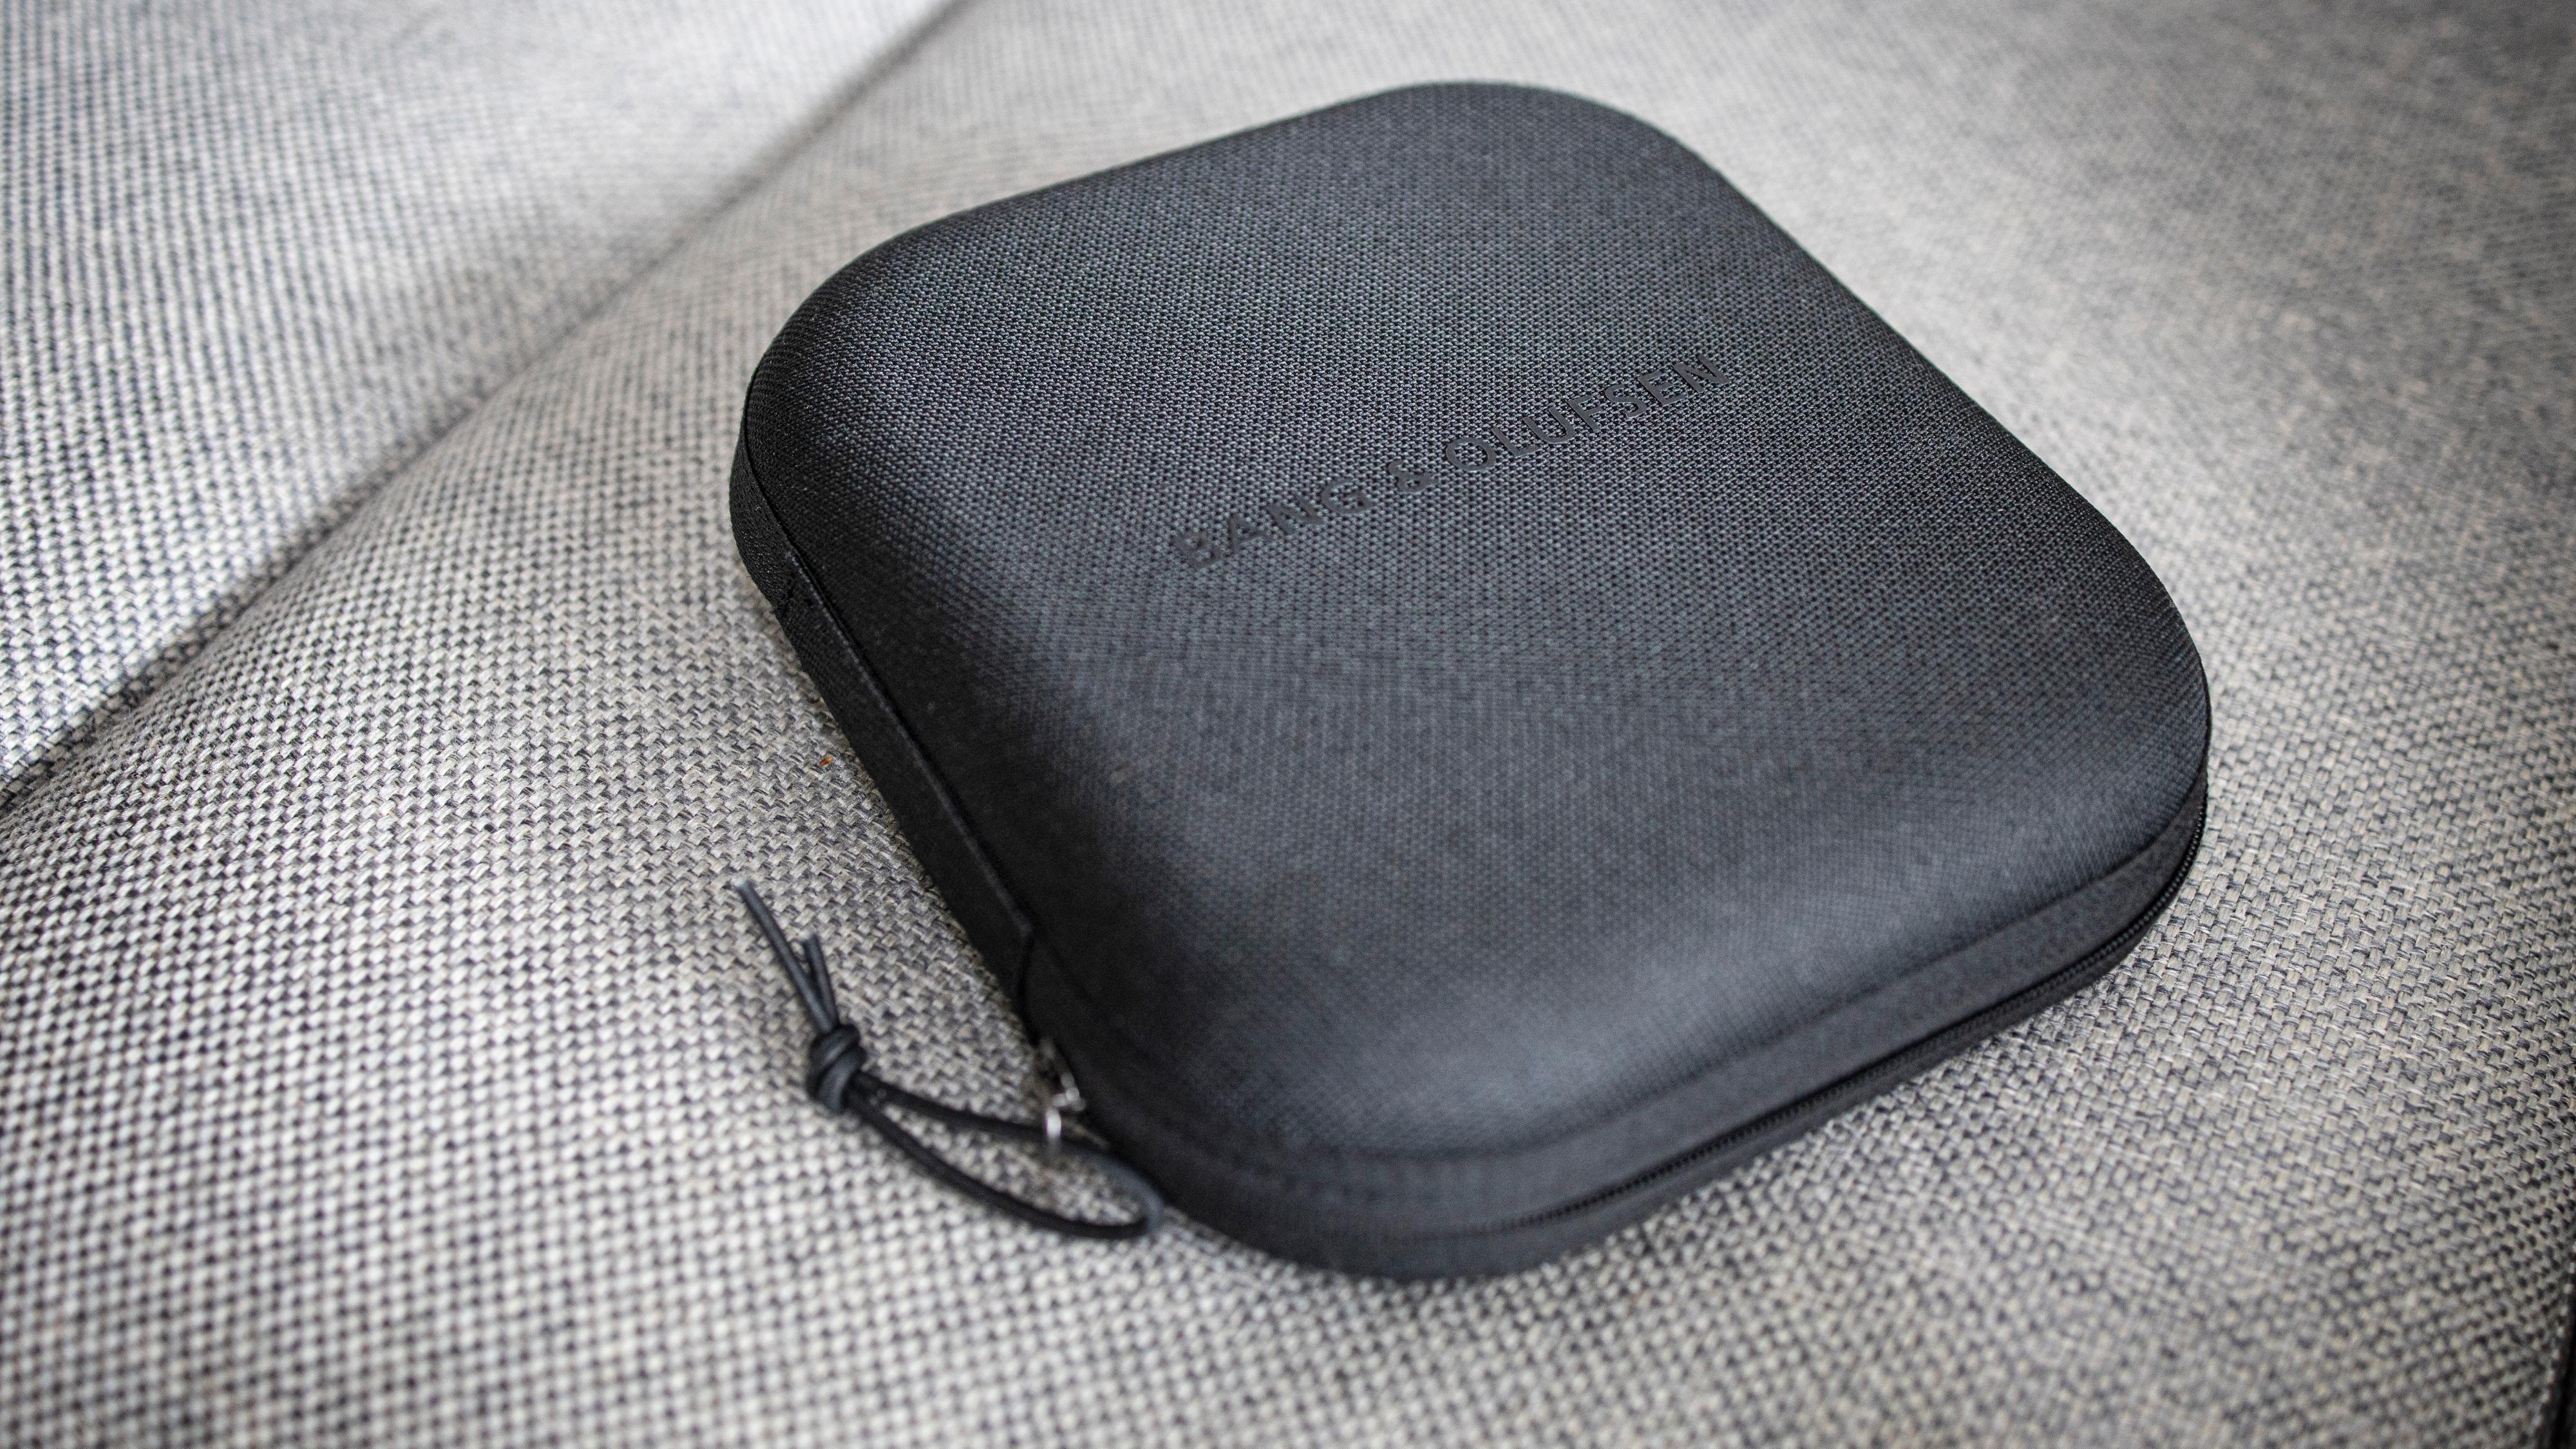 Endelig har B&O skjønt at hodetelefoner til over 5000 kroner fortjener et etui.